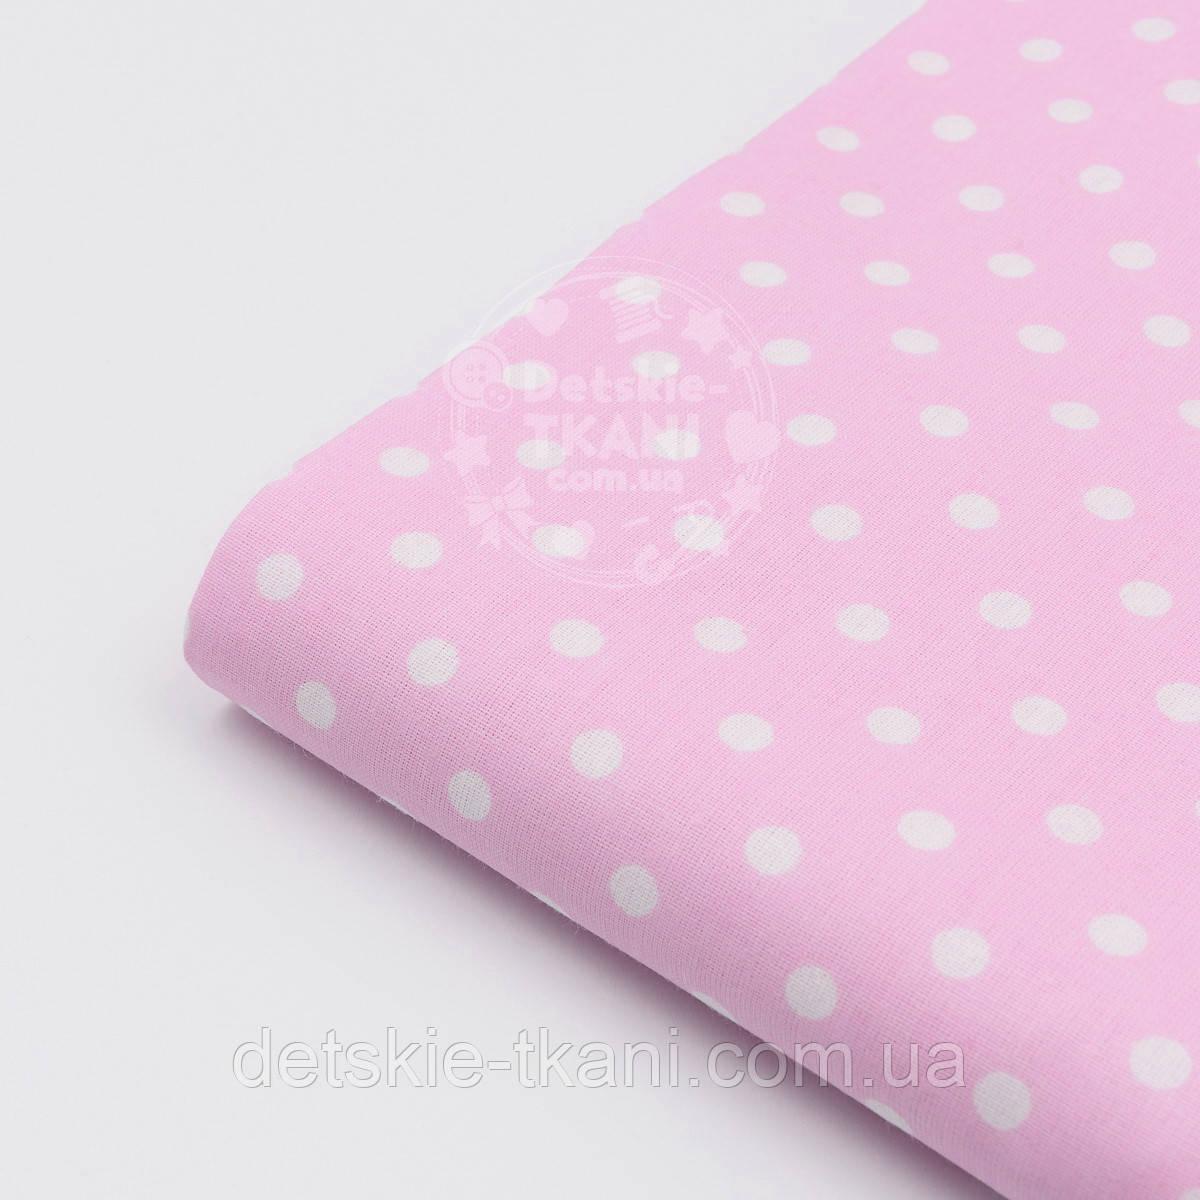 Отрез ткани с  белым горошком 7 мм на розовом фоне № 1183